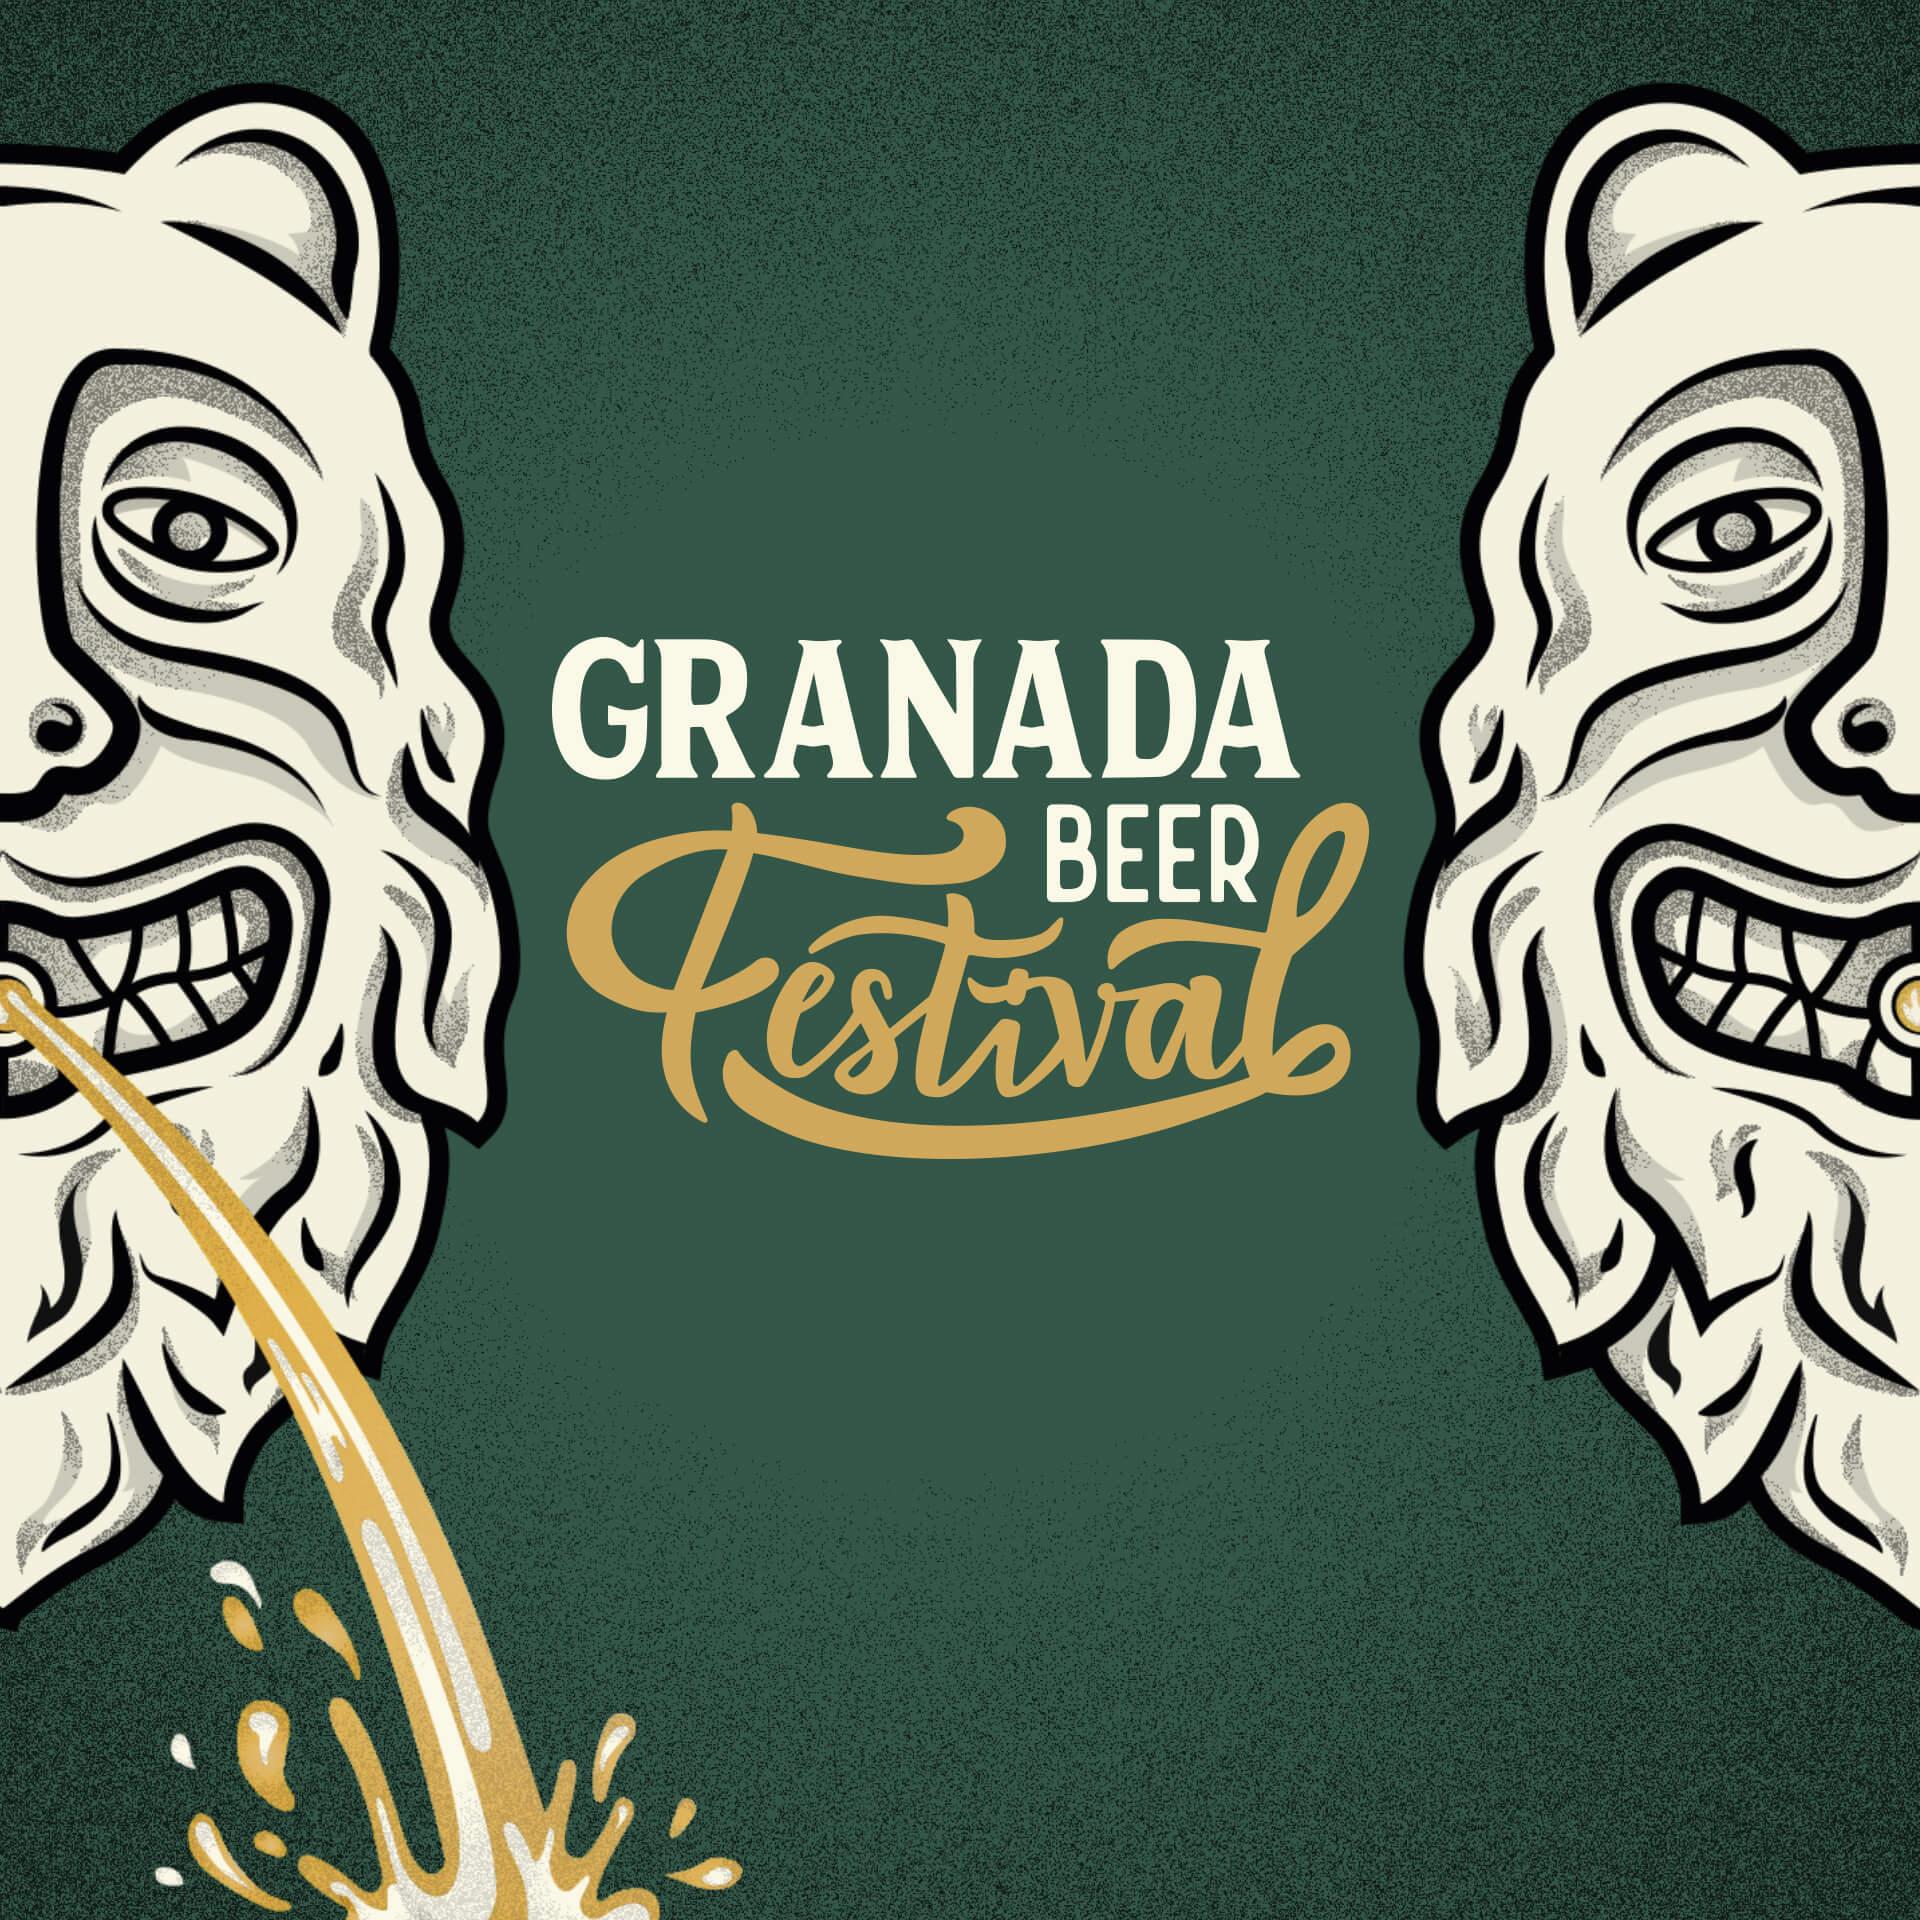 Granada Beer Festival Diseño etiquetas 3